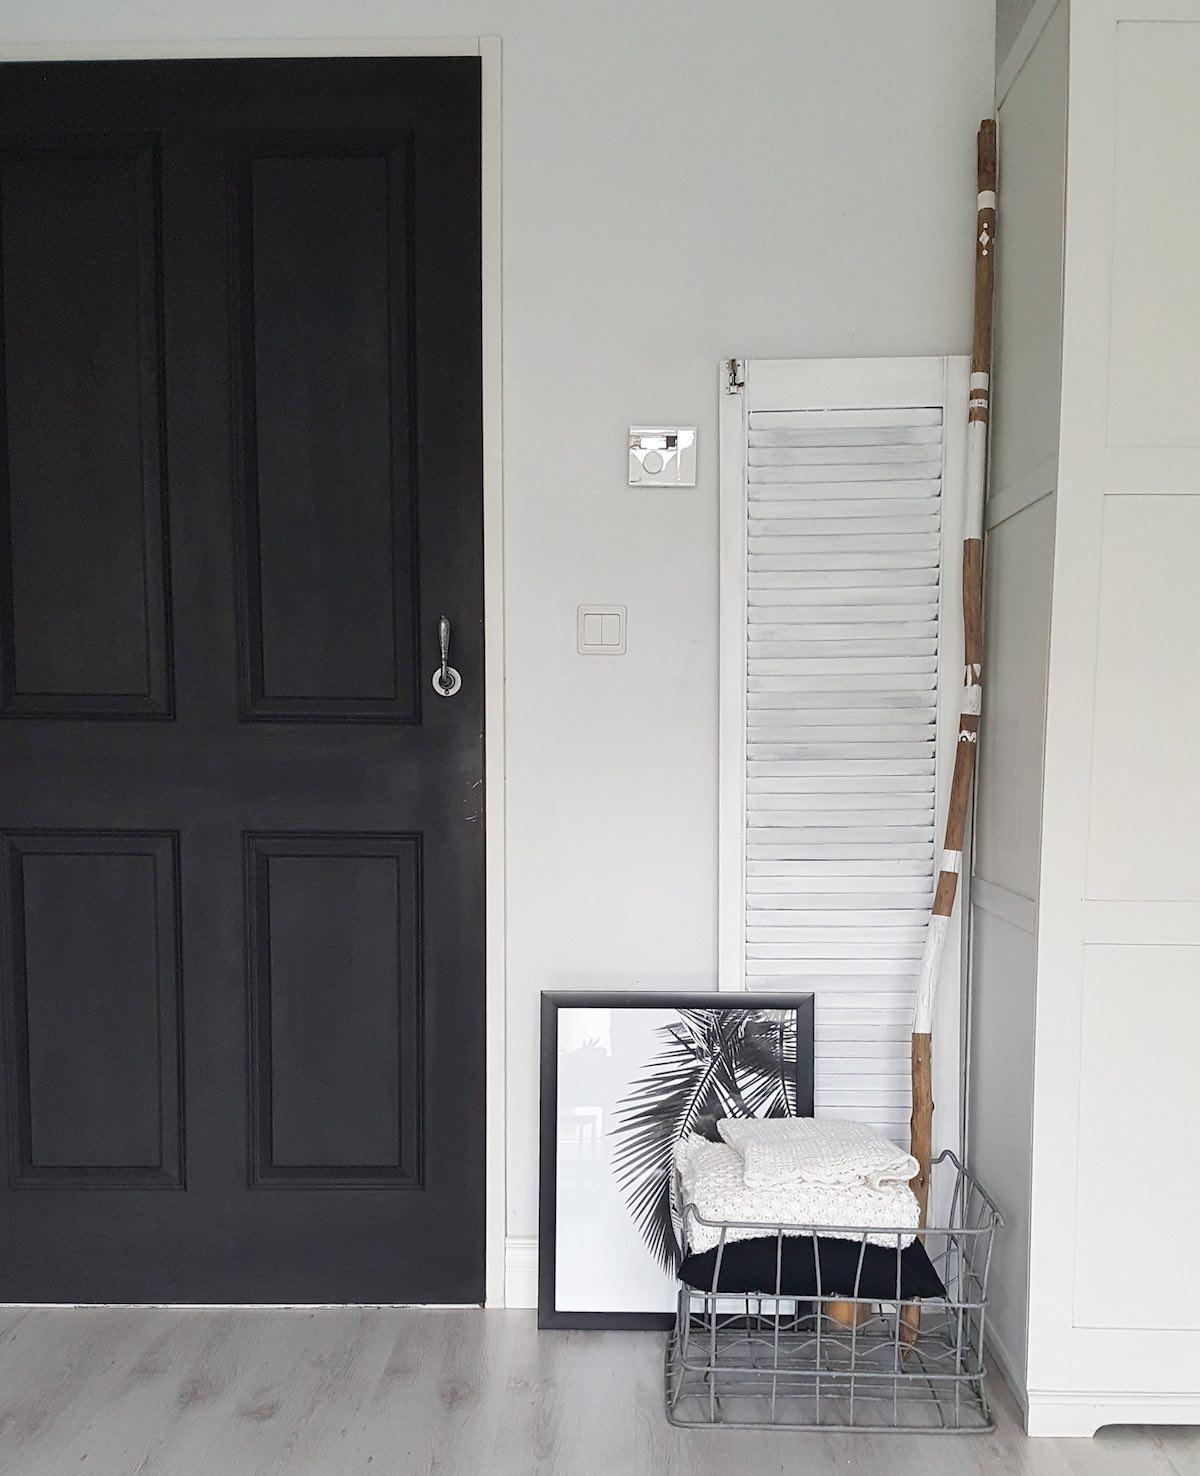 livingroom-details-2